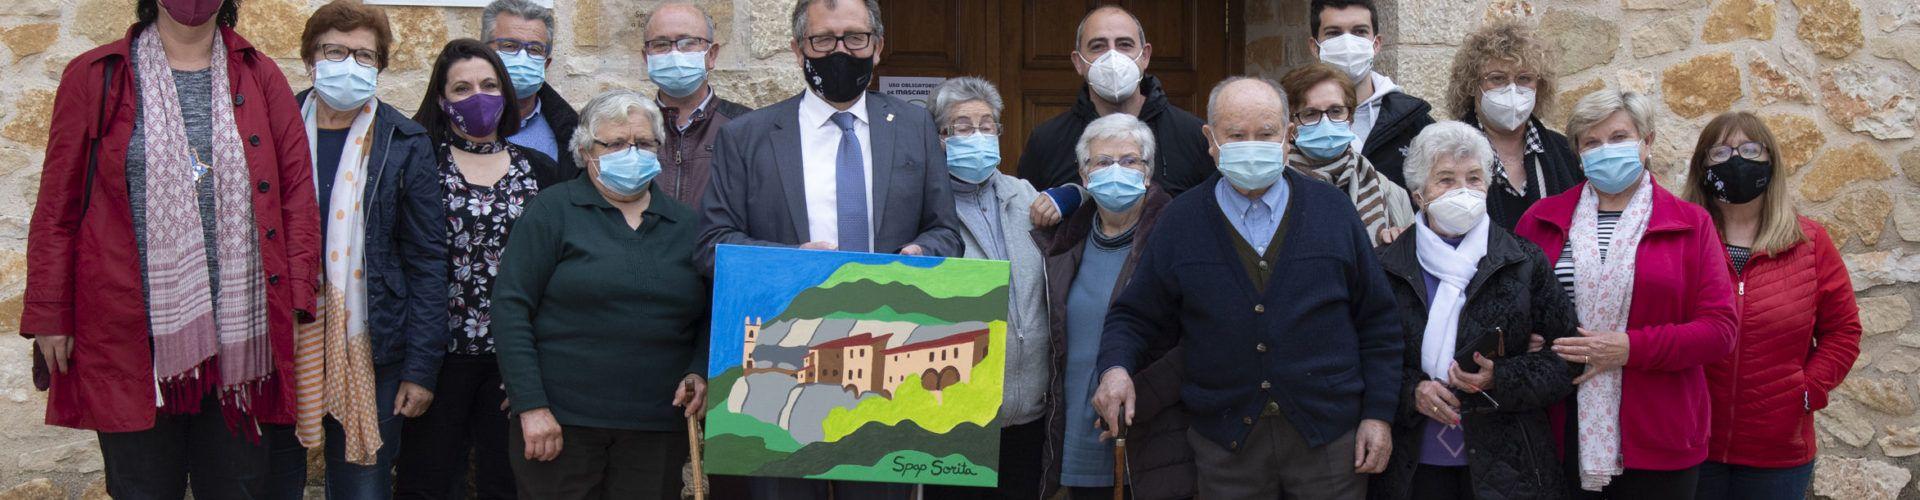 José Martí visita Palanques i Sorita, destacant l'interés de la Diputació per millorar la vida als xicotets pobles d'interior